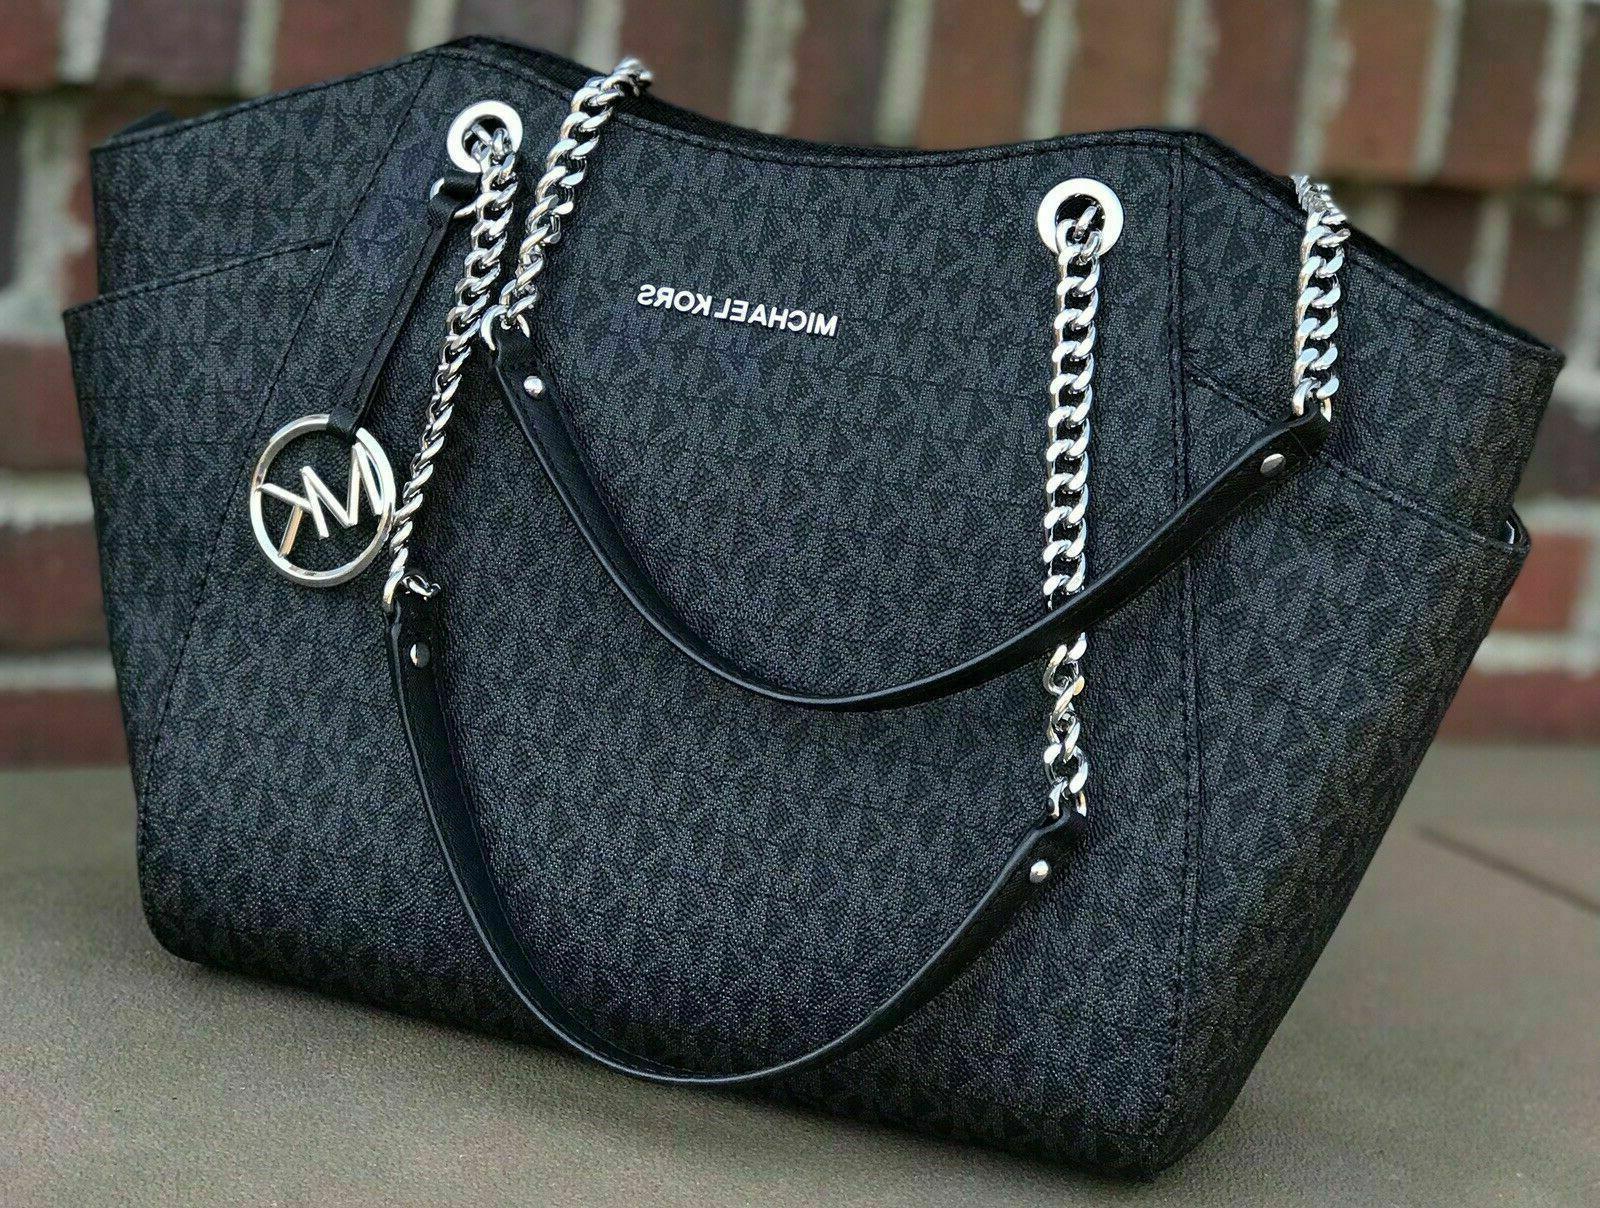 New Kors Set MK Signature Bag